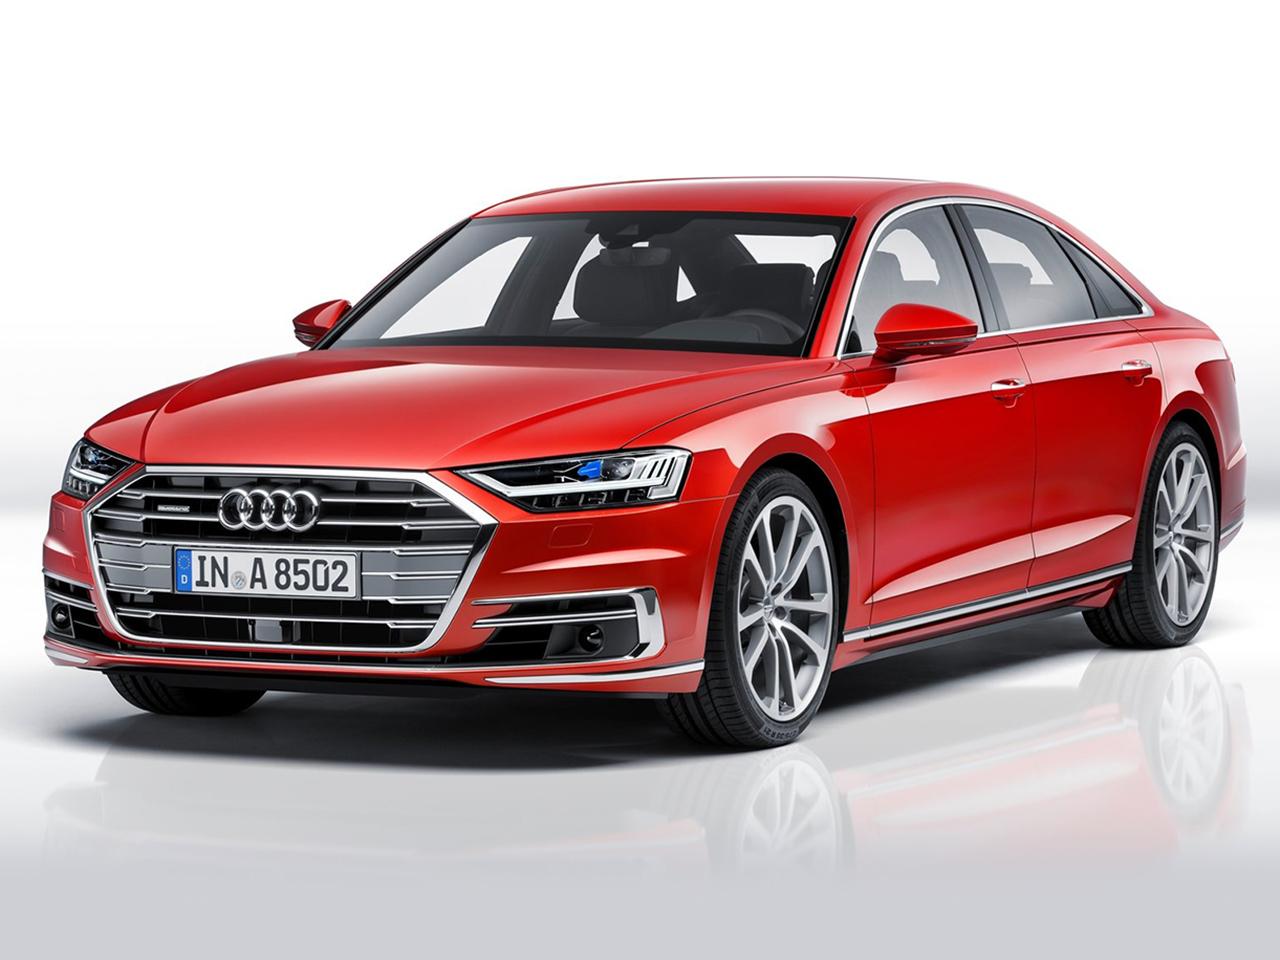 Audi A8 Model